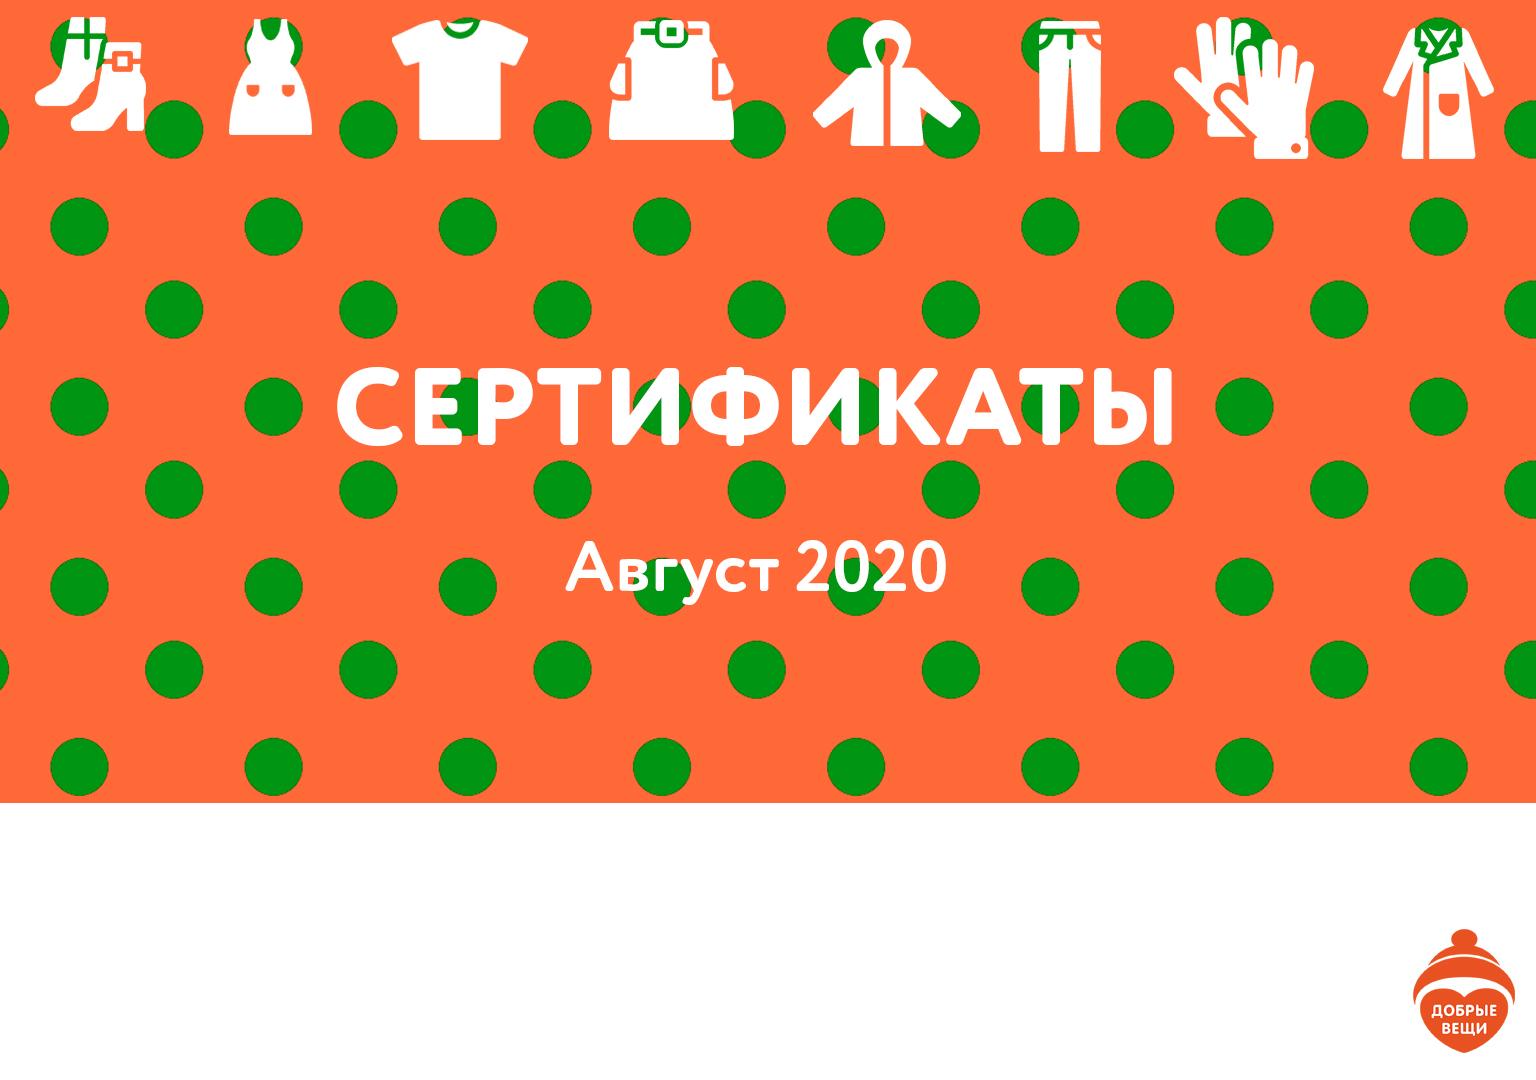 Отчет по выданным вещам в августе 2020 года